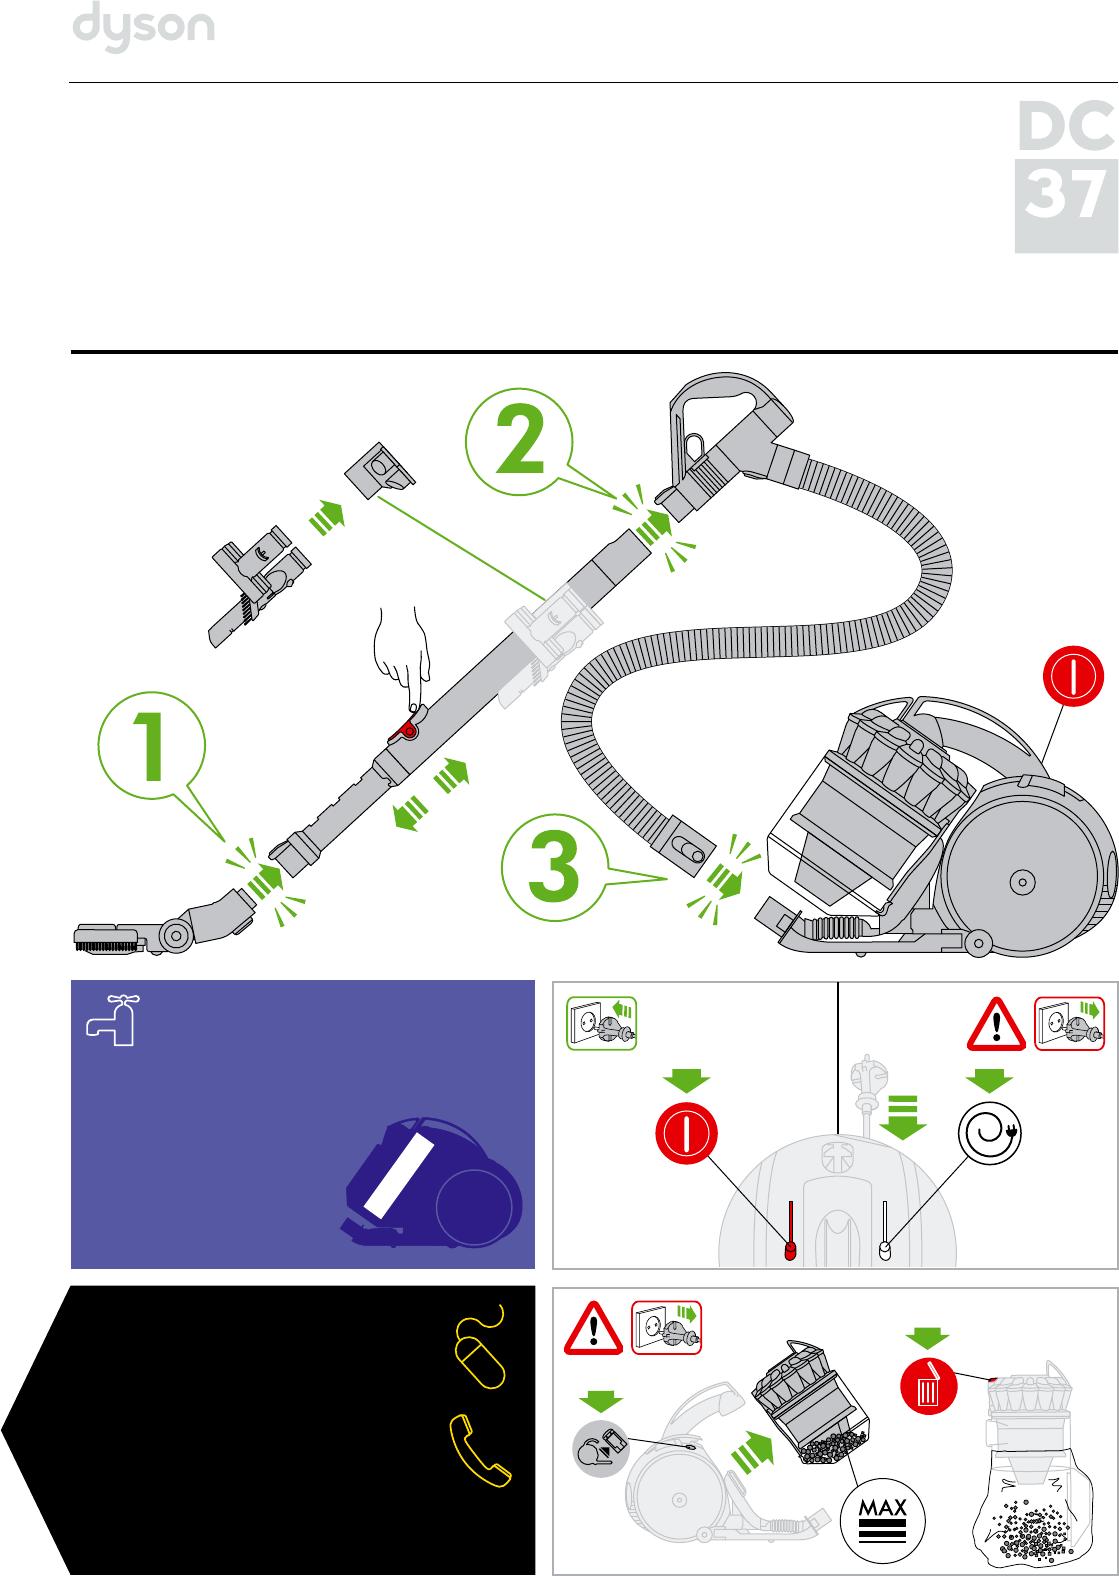 инструкции к пылесосу дайсон